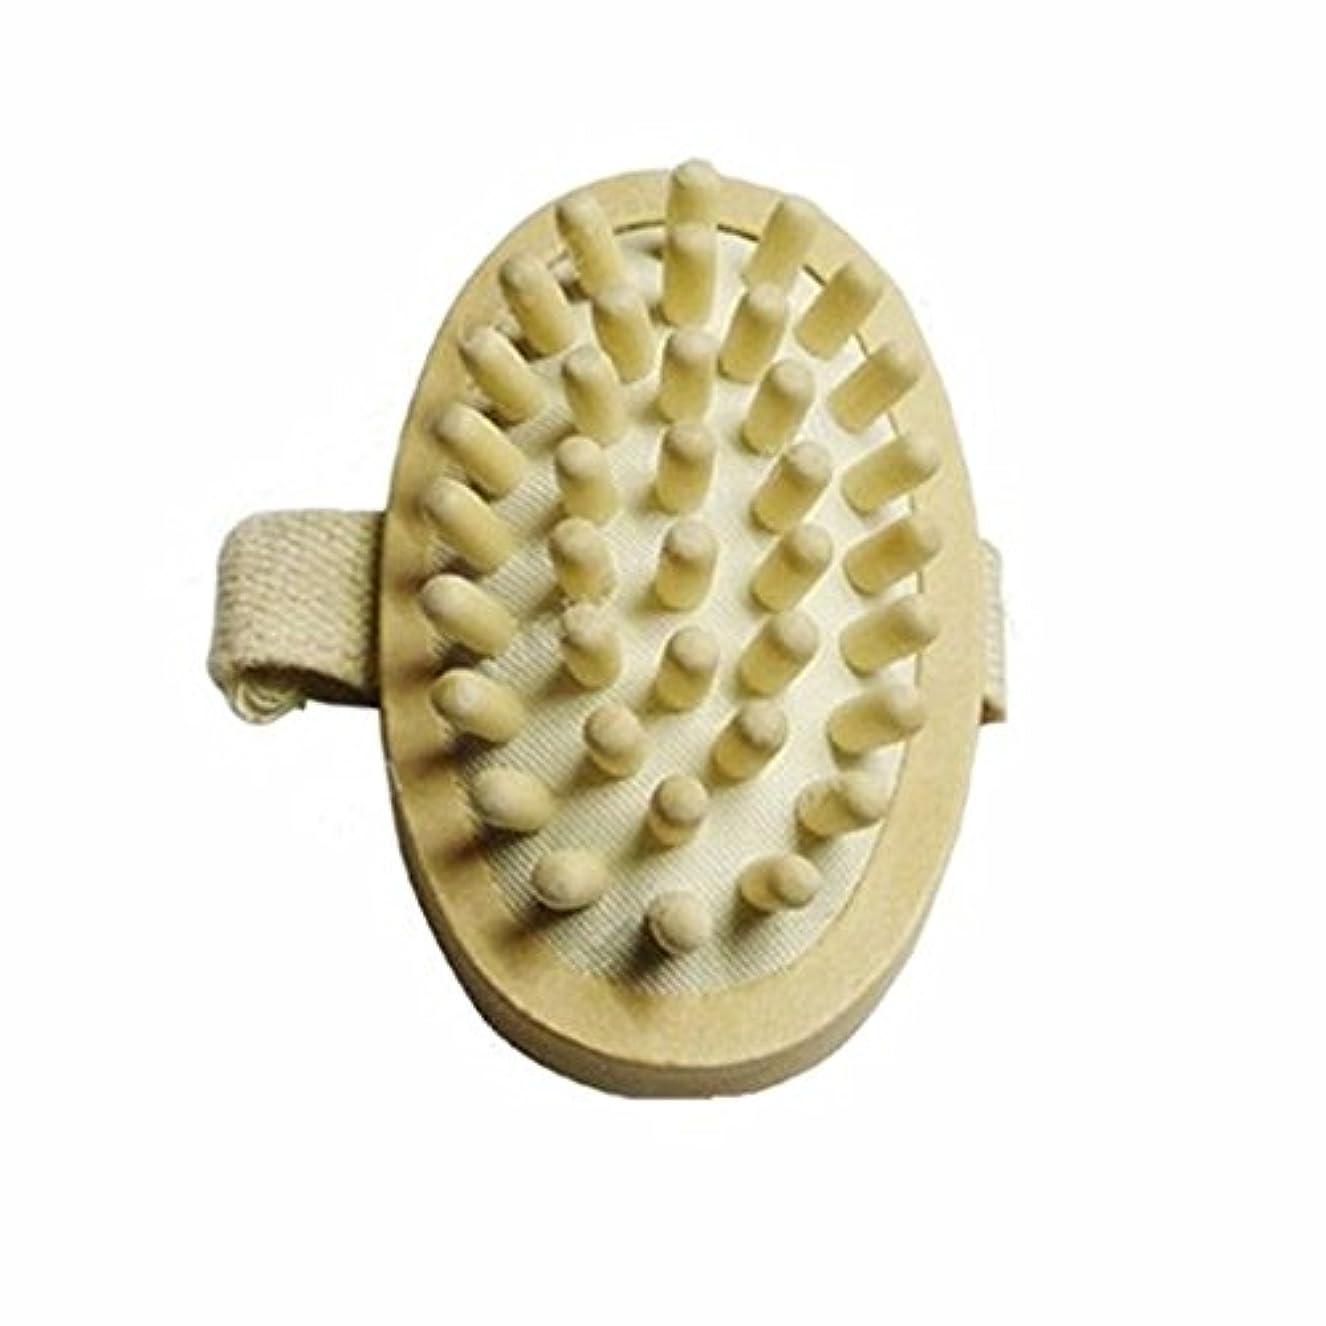 扇動神経障害常にThunderStar Natural Wood Wooden Hand-held Massage Circulation Massager Anti Cellulite Sauna Spa Body Brush Cellulite...